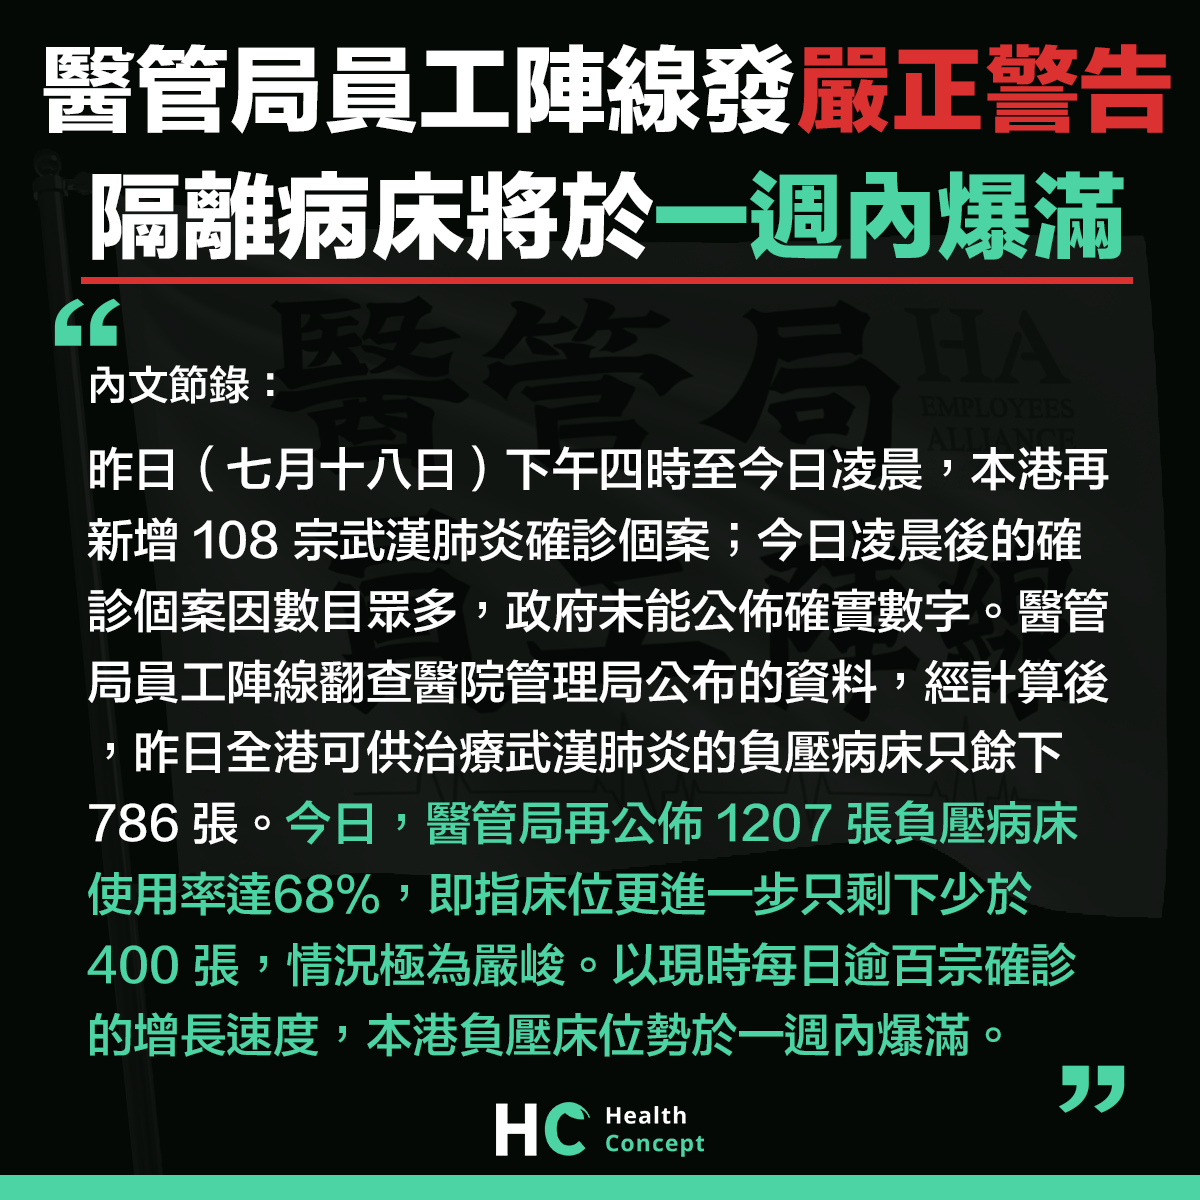 【#新型肺炎】醫管局員工陣線發嚴正警告 隔離病床將於一週內爆滿